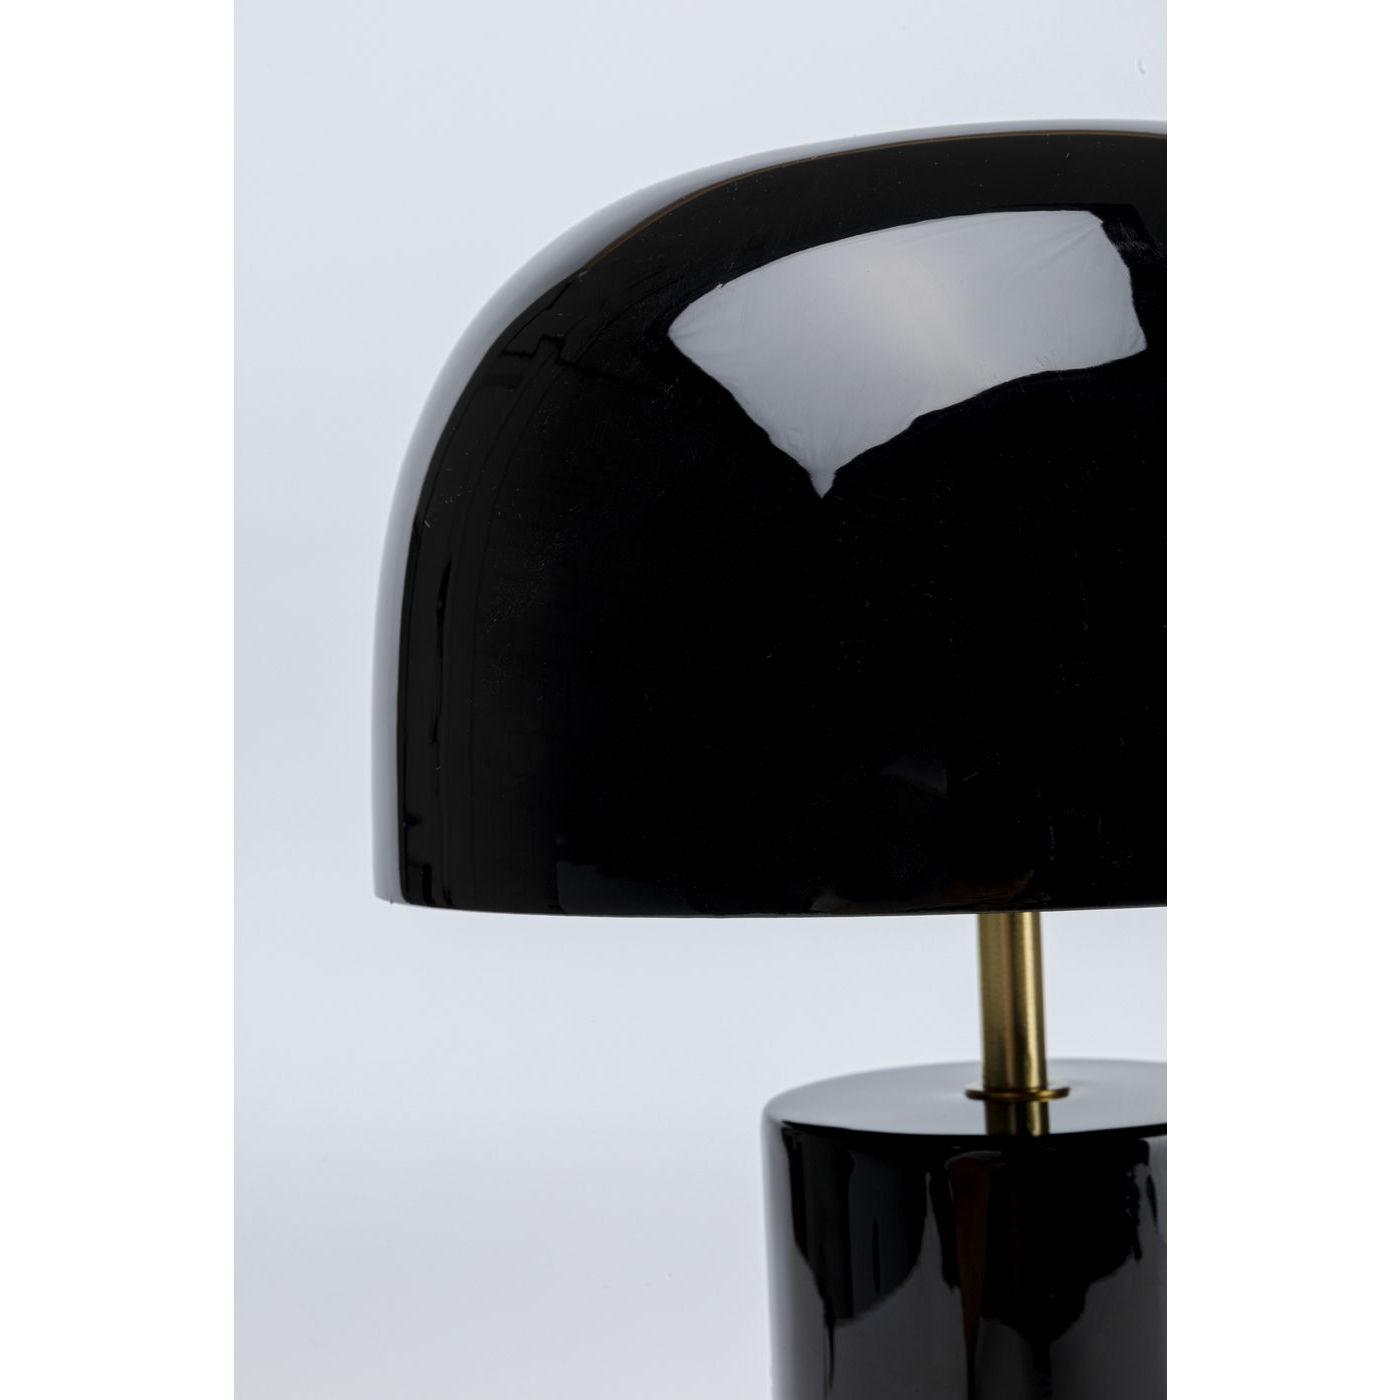 Lampe de table Loungy noire Kare Design